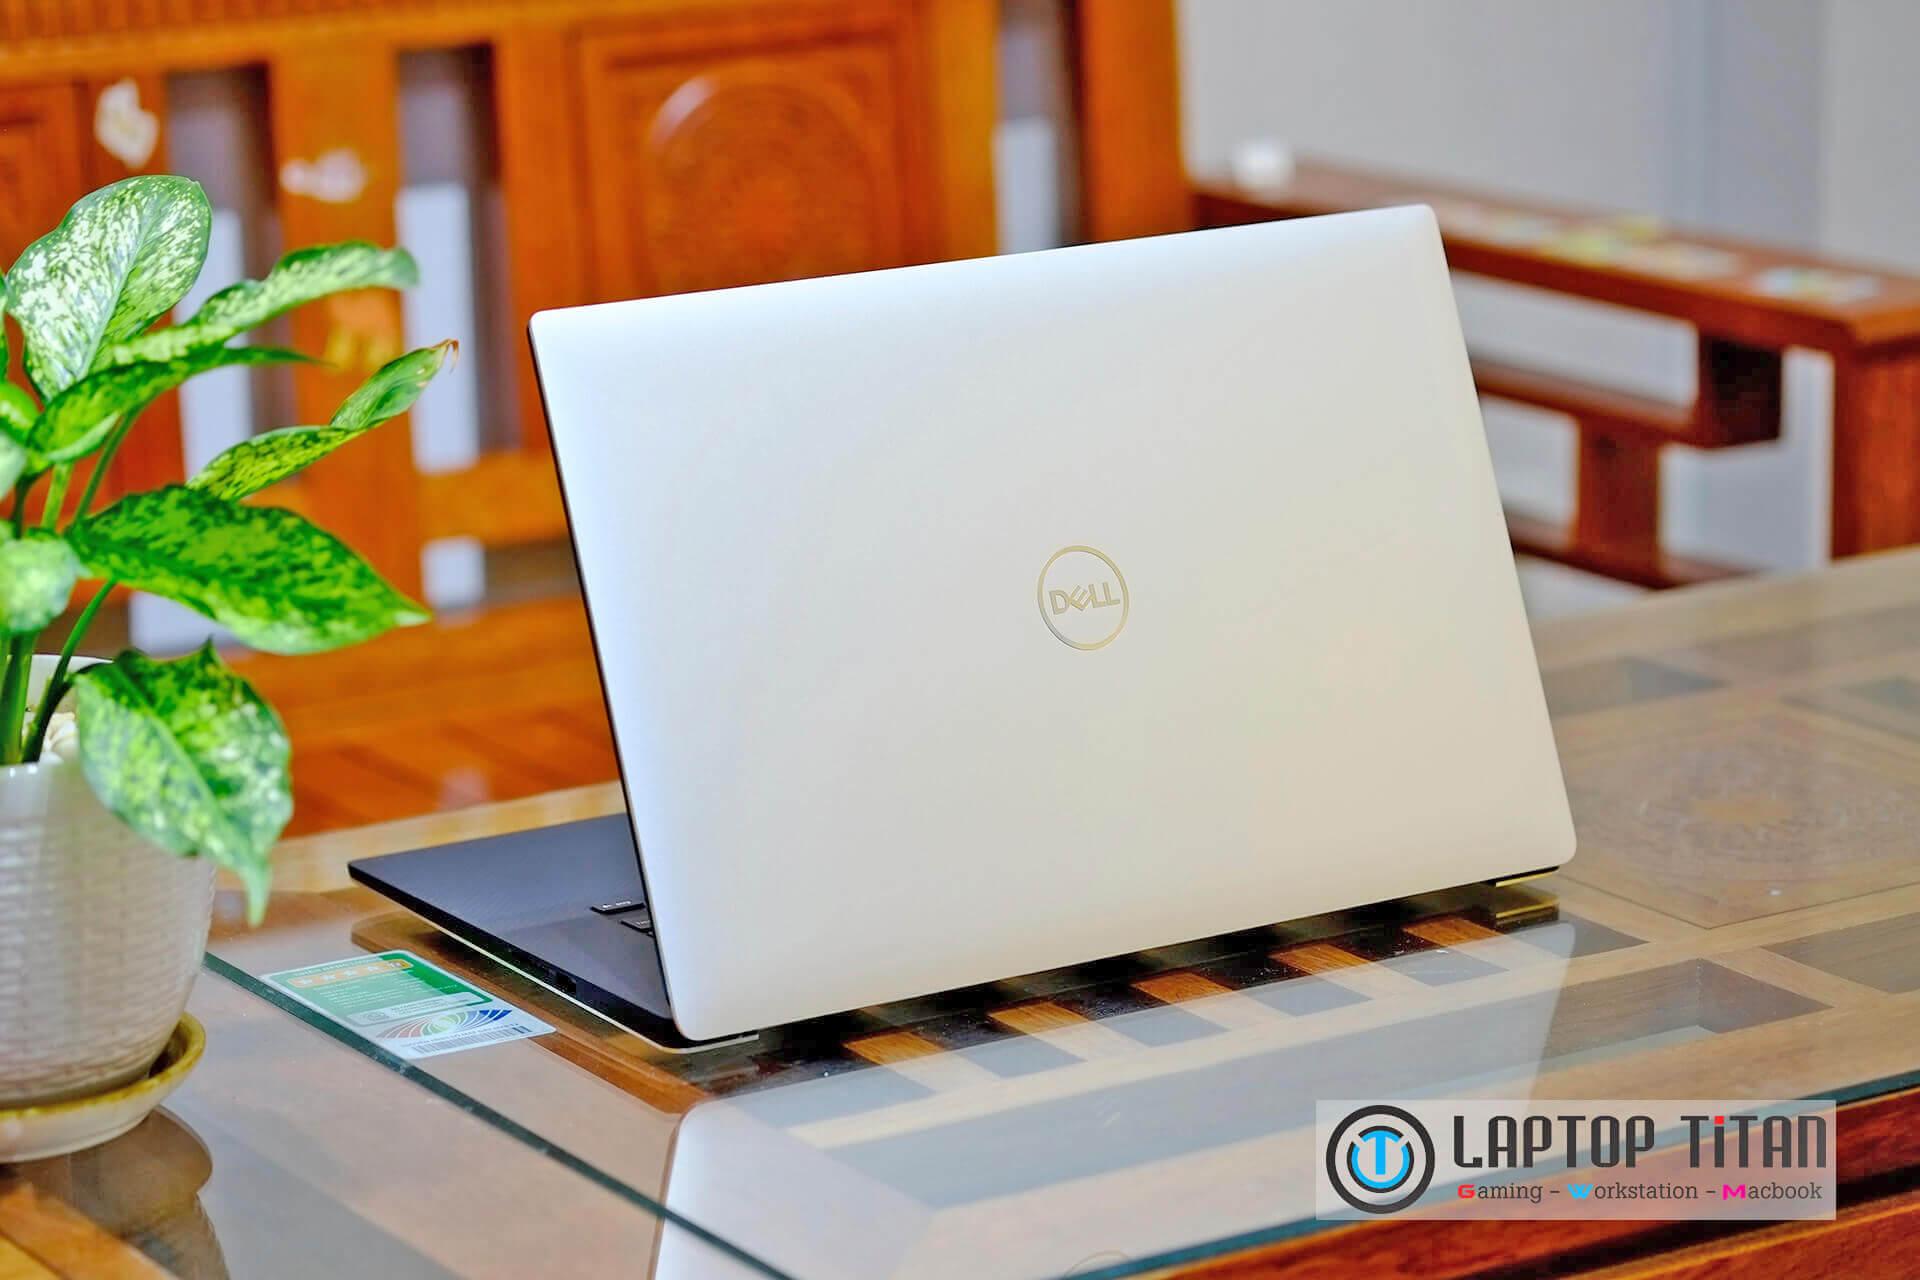 Dell Xps 15 9570 Laptoptitan 06